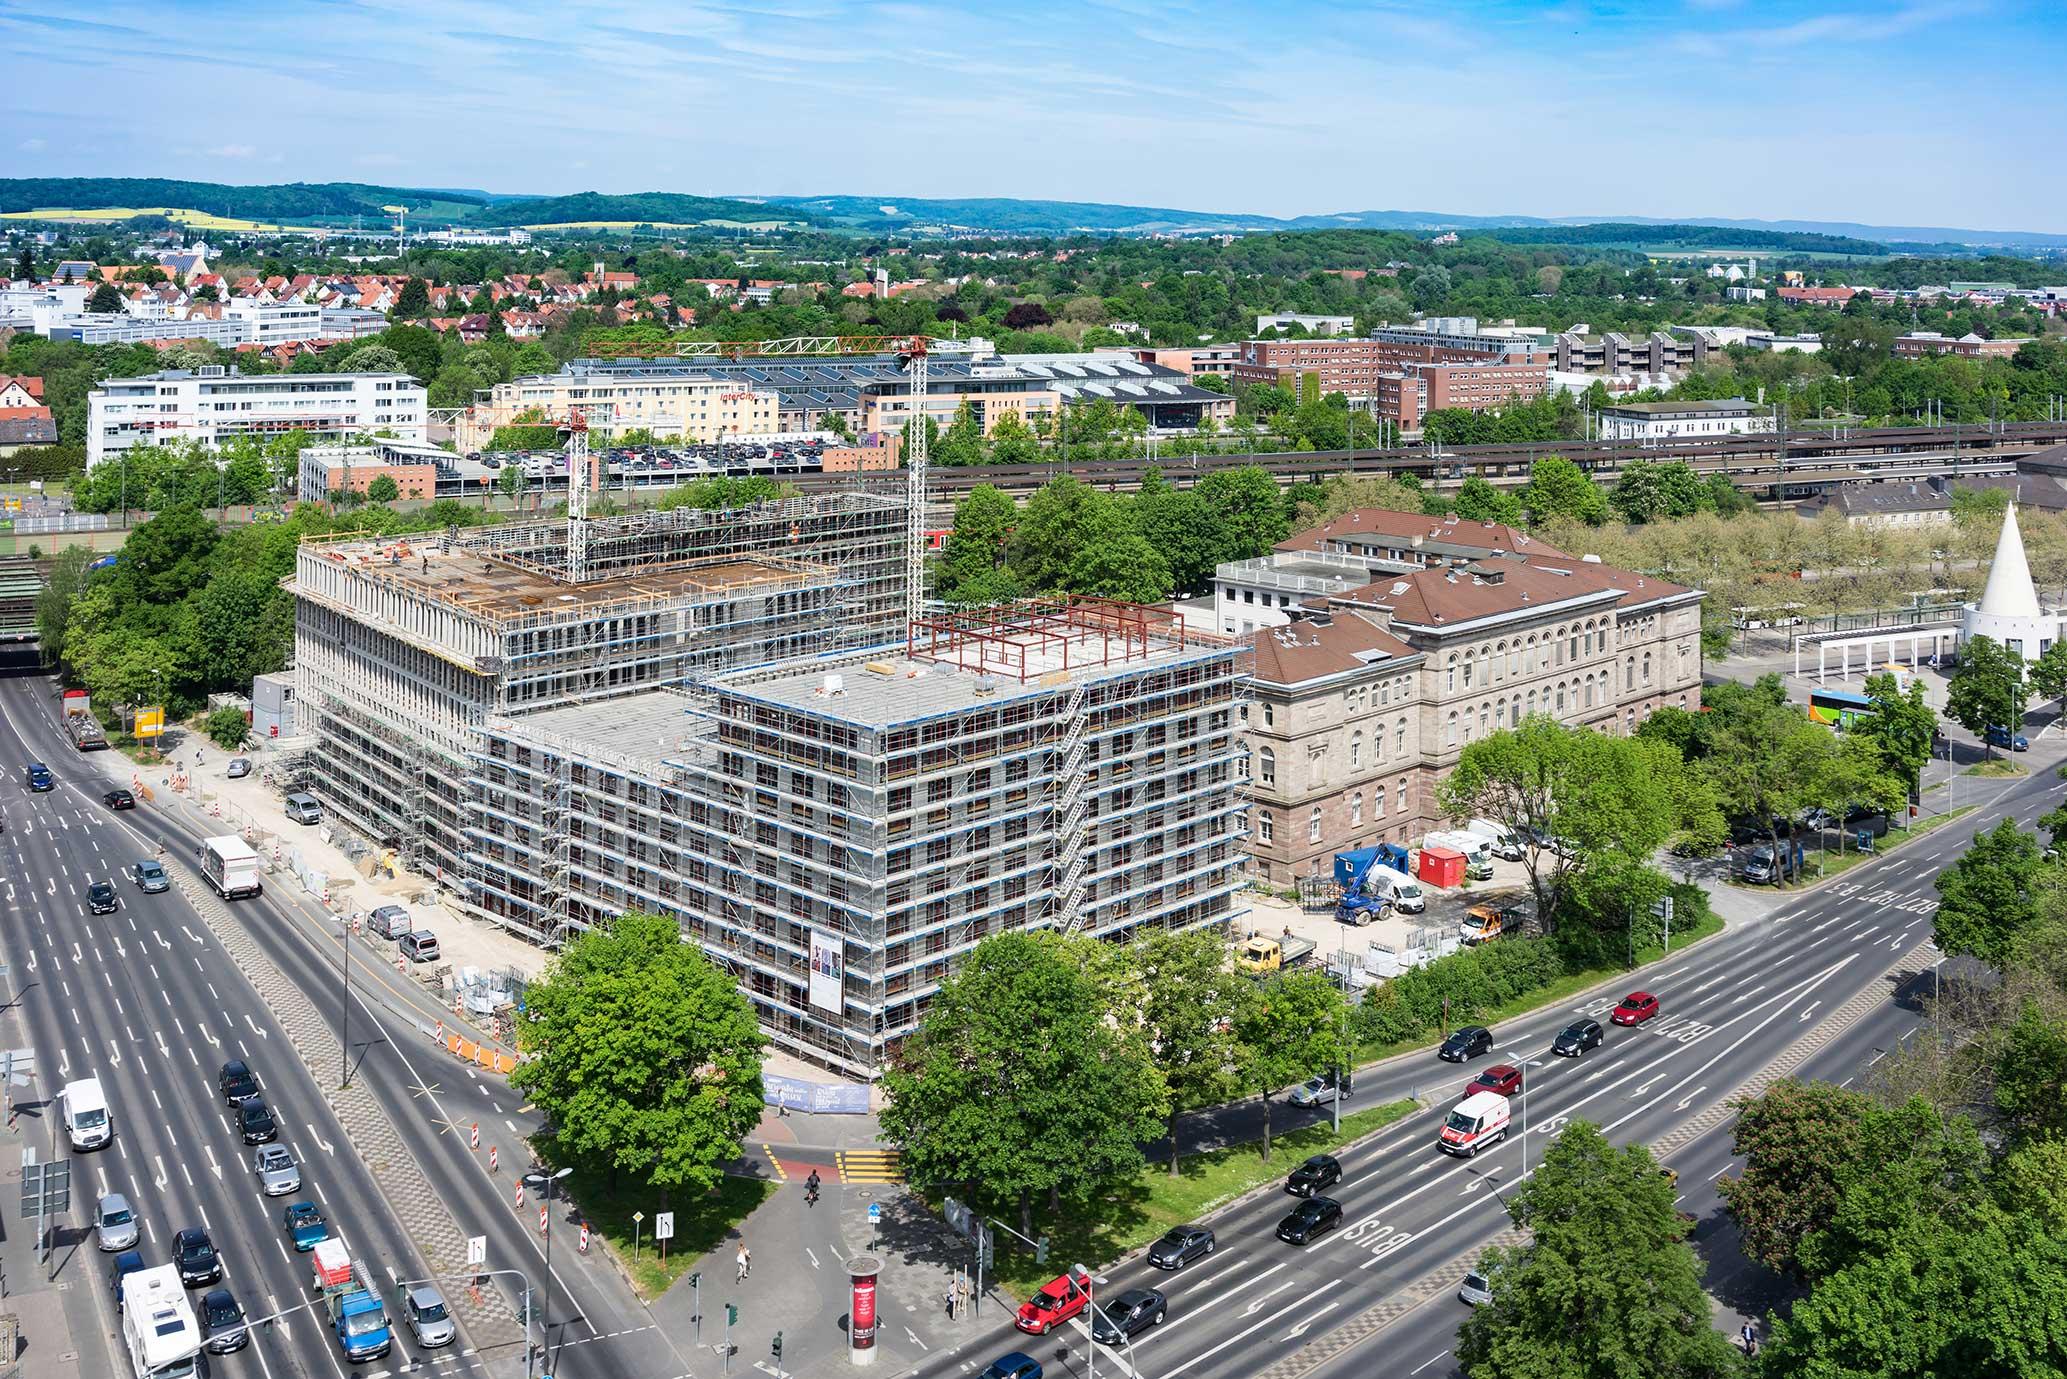 Baustelle Groner Tor Göttingen